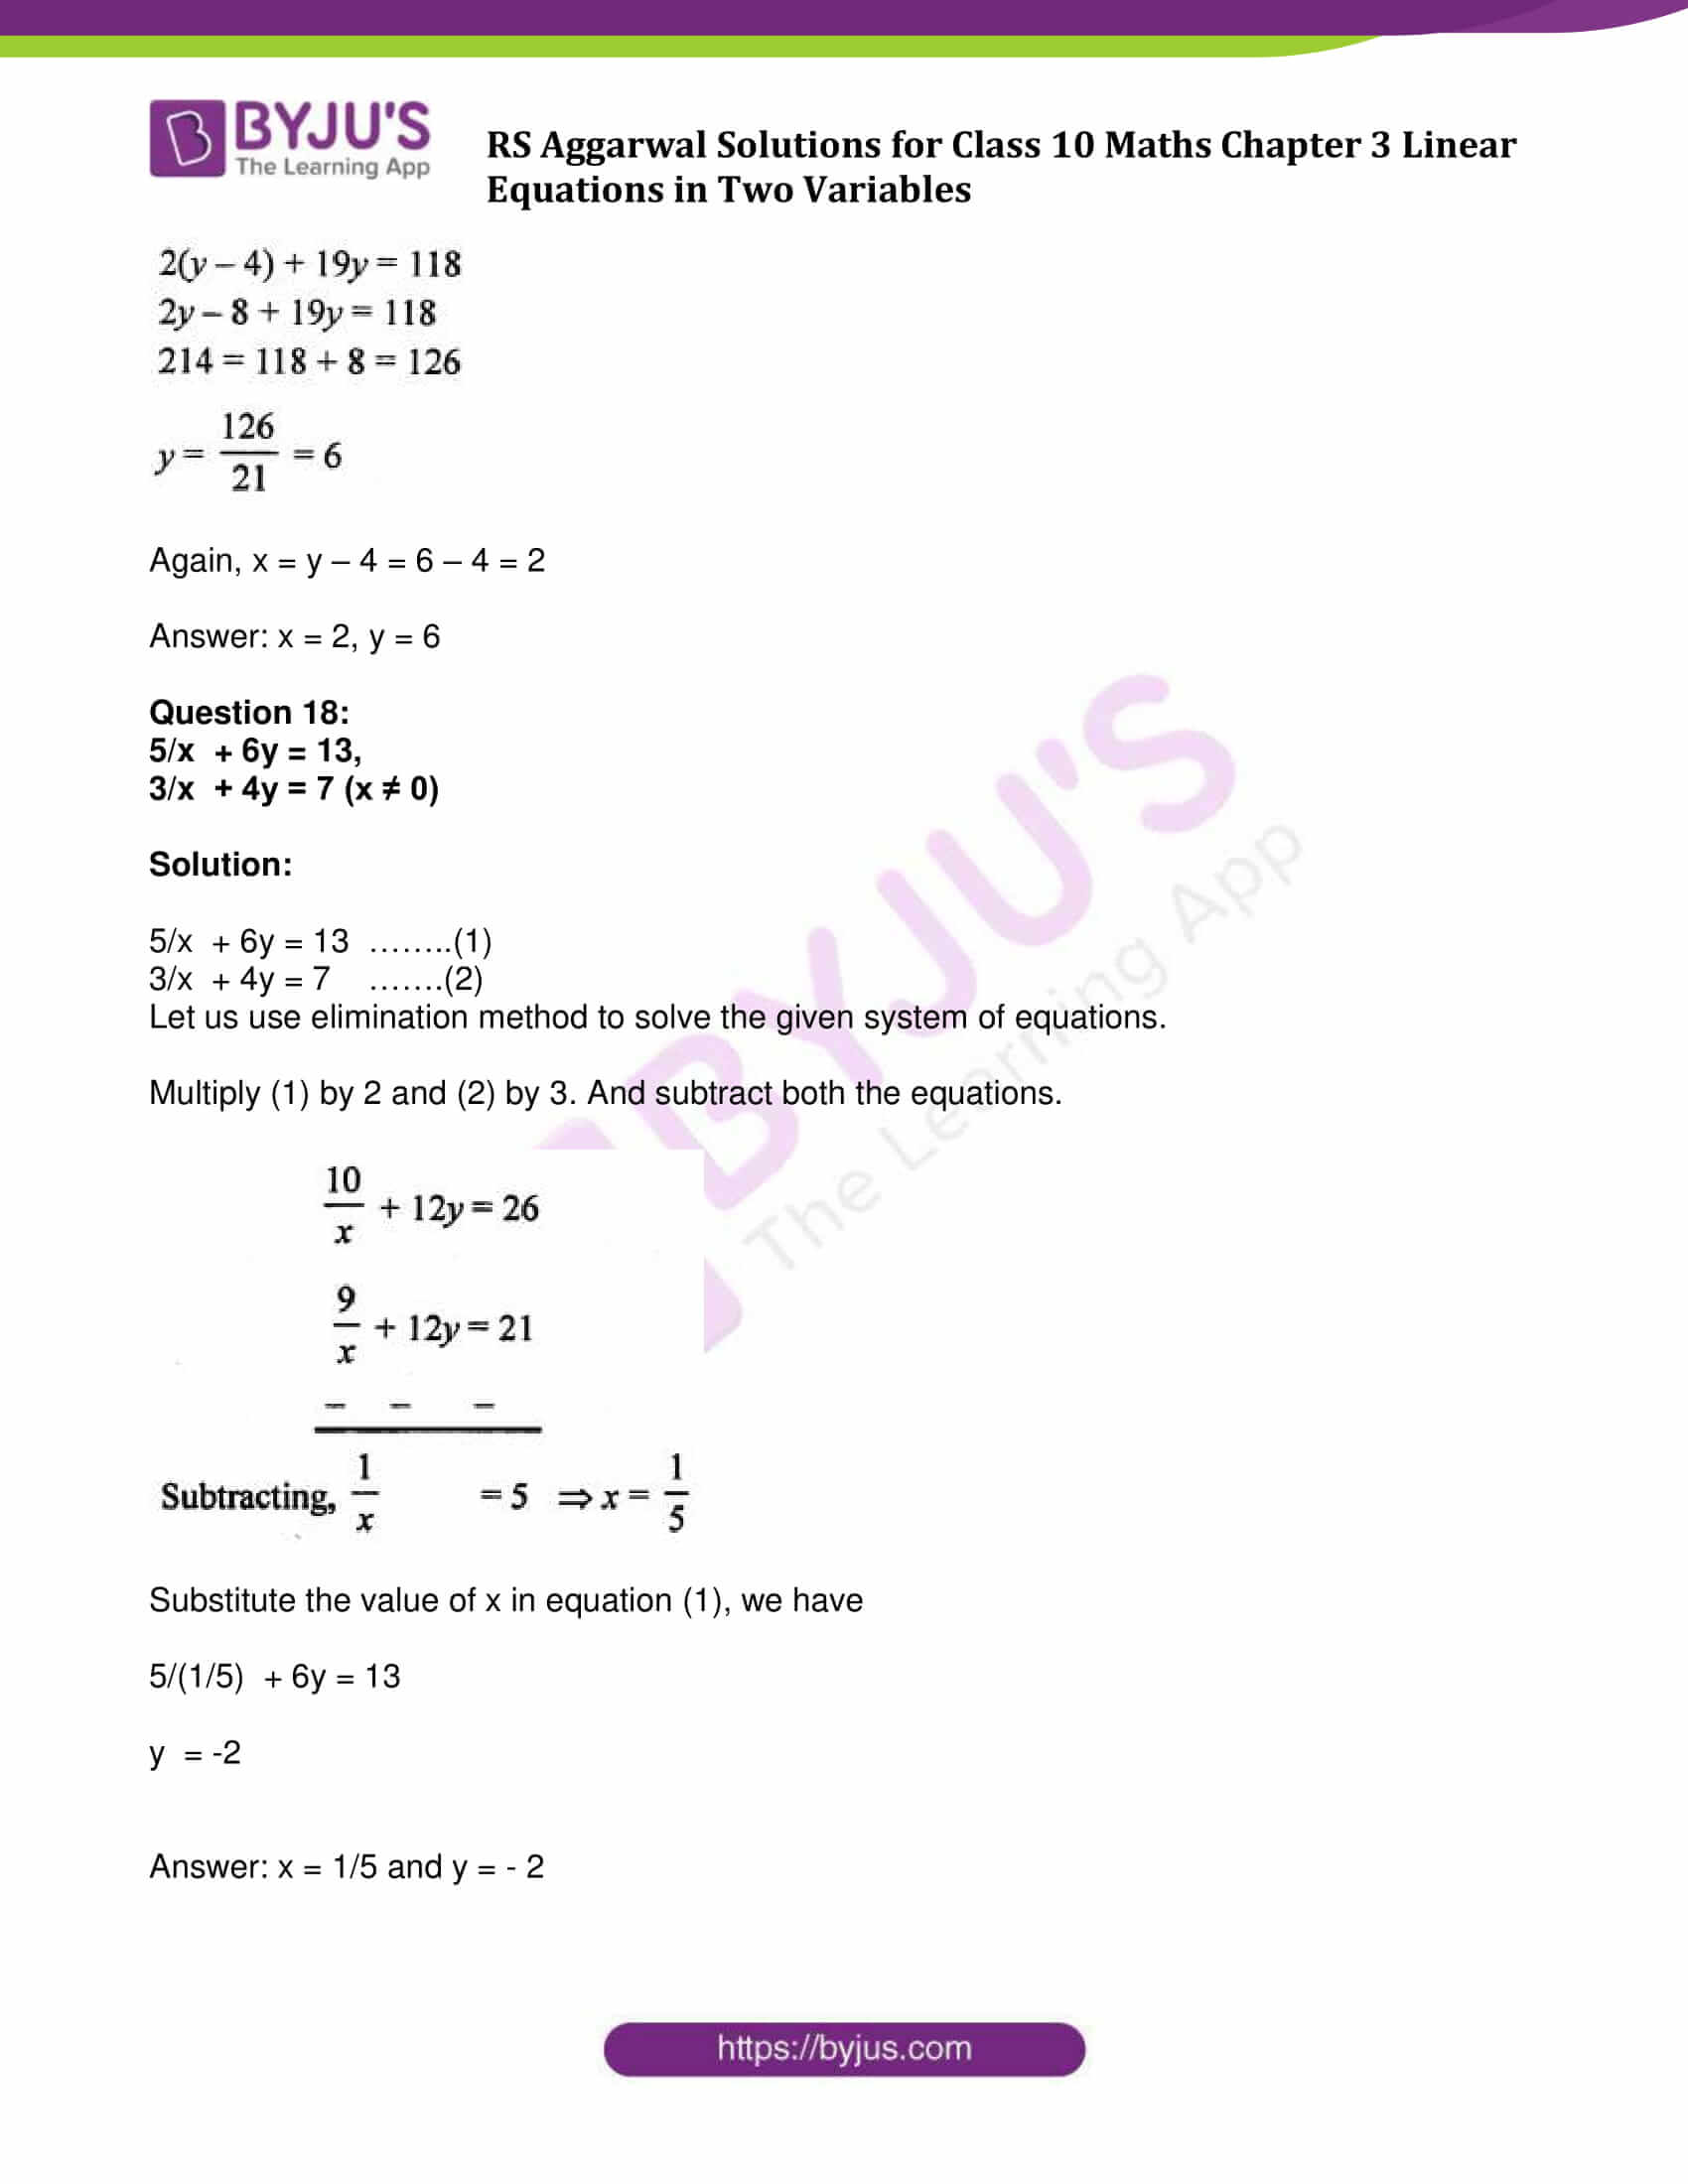 rs aggarwal sol class 10 maths cht 3